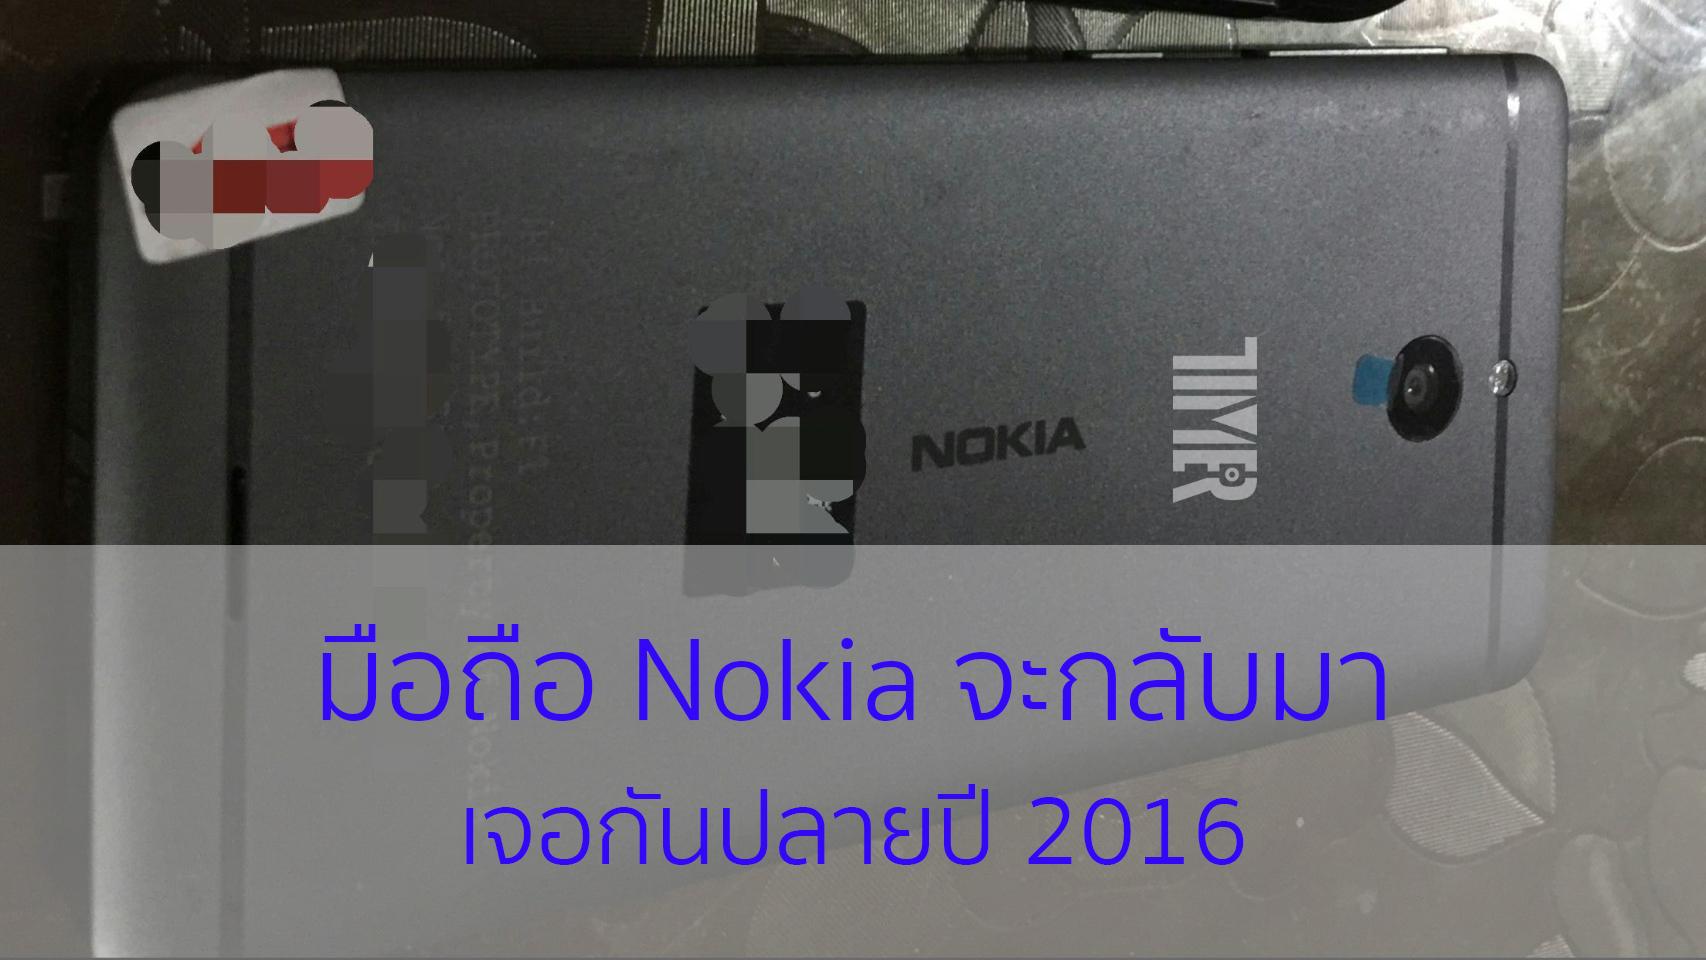 nouveau-smartphone-nokia-2016-Cover copy